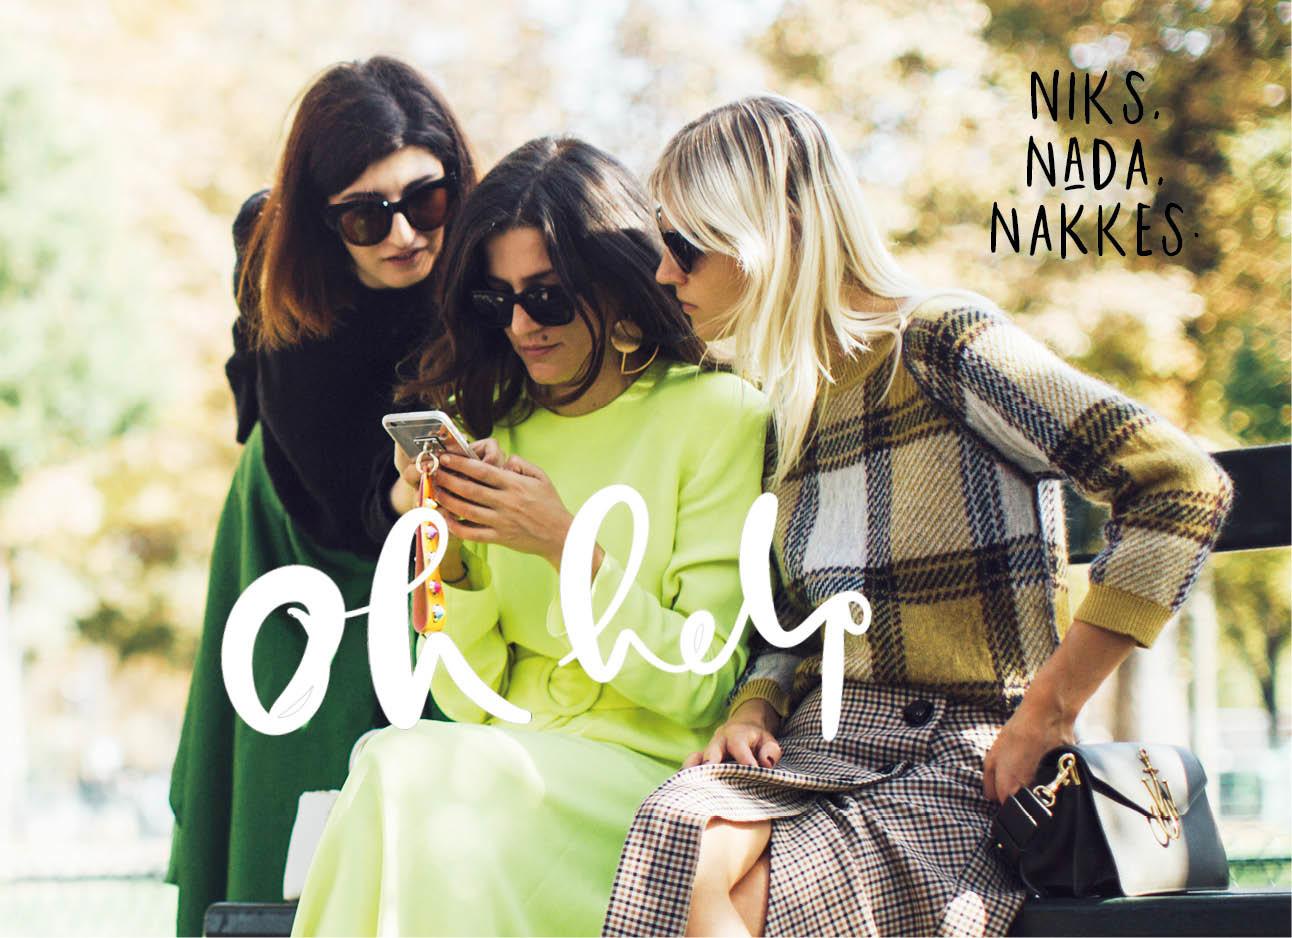 Drie vrouwen op een bankje kijkend naar telefoon